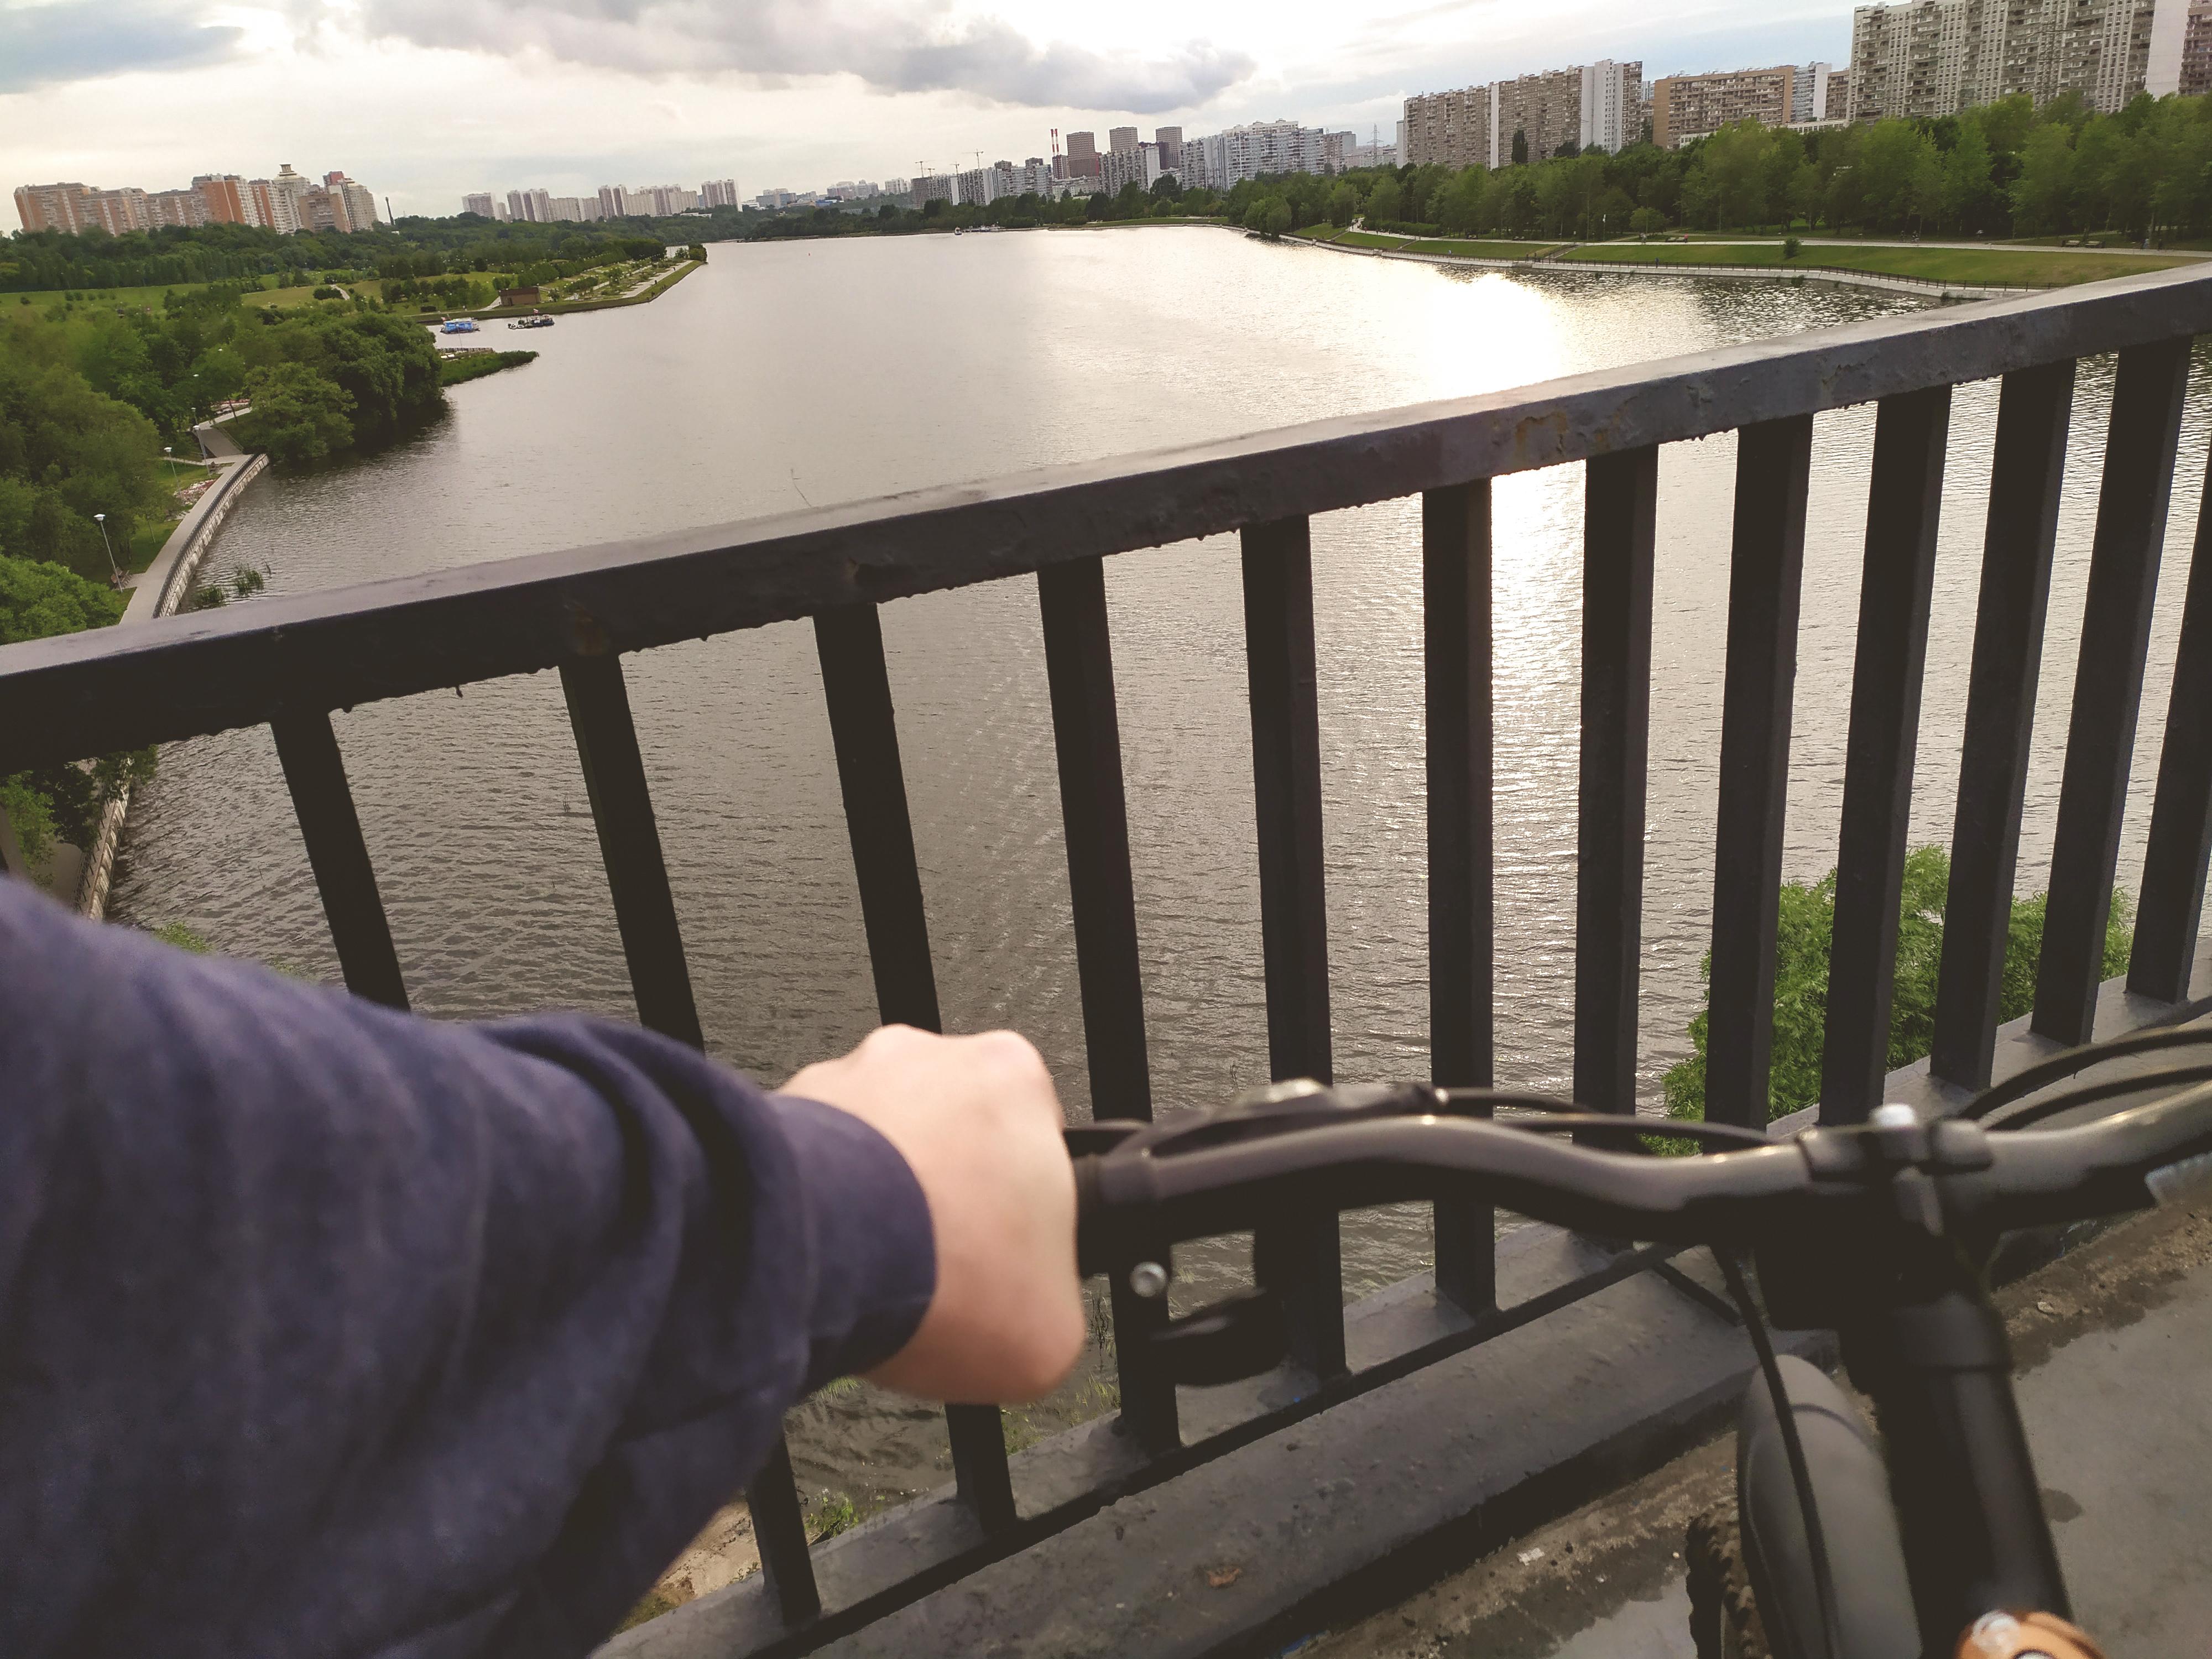 Москва до и после. Место съемки сериала Бригада. Братеевский парк. По городу на велосипеде